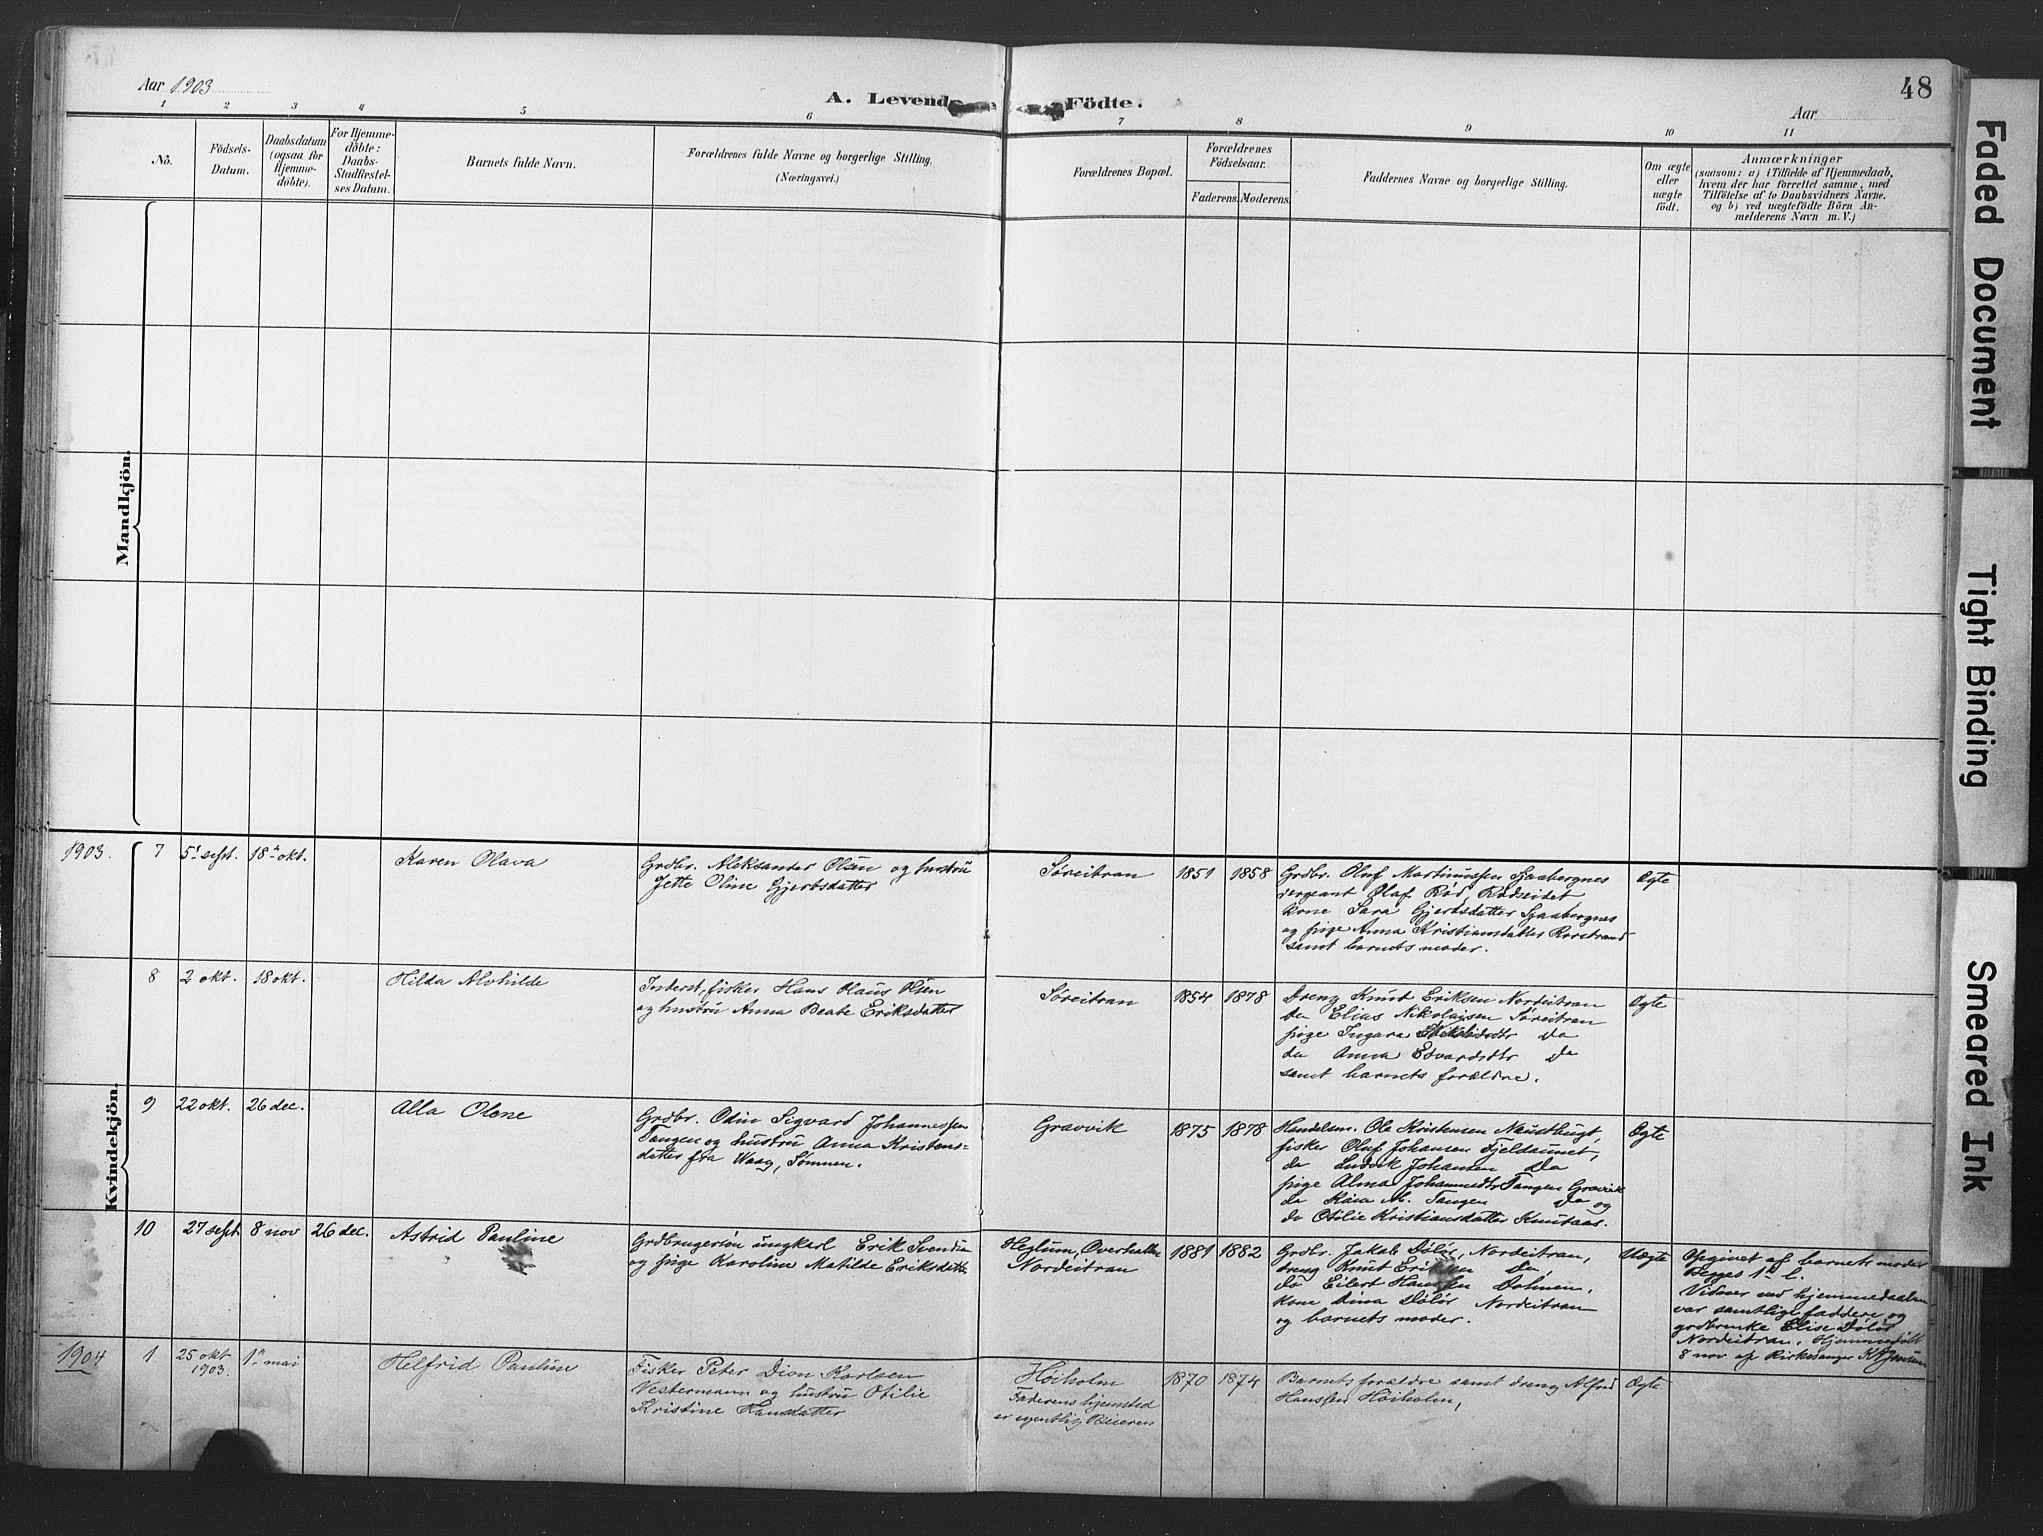 SAT, Ministerialprotokoller, klokkerbøker og fødselsregistre - Nord-Trøndelag, 789/L0706: Klokkerbok nr. 789C01, 1888-1931, s. 48